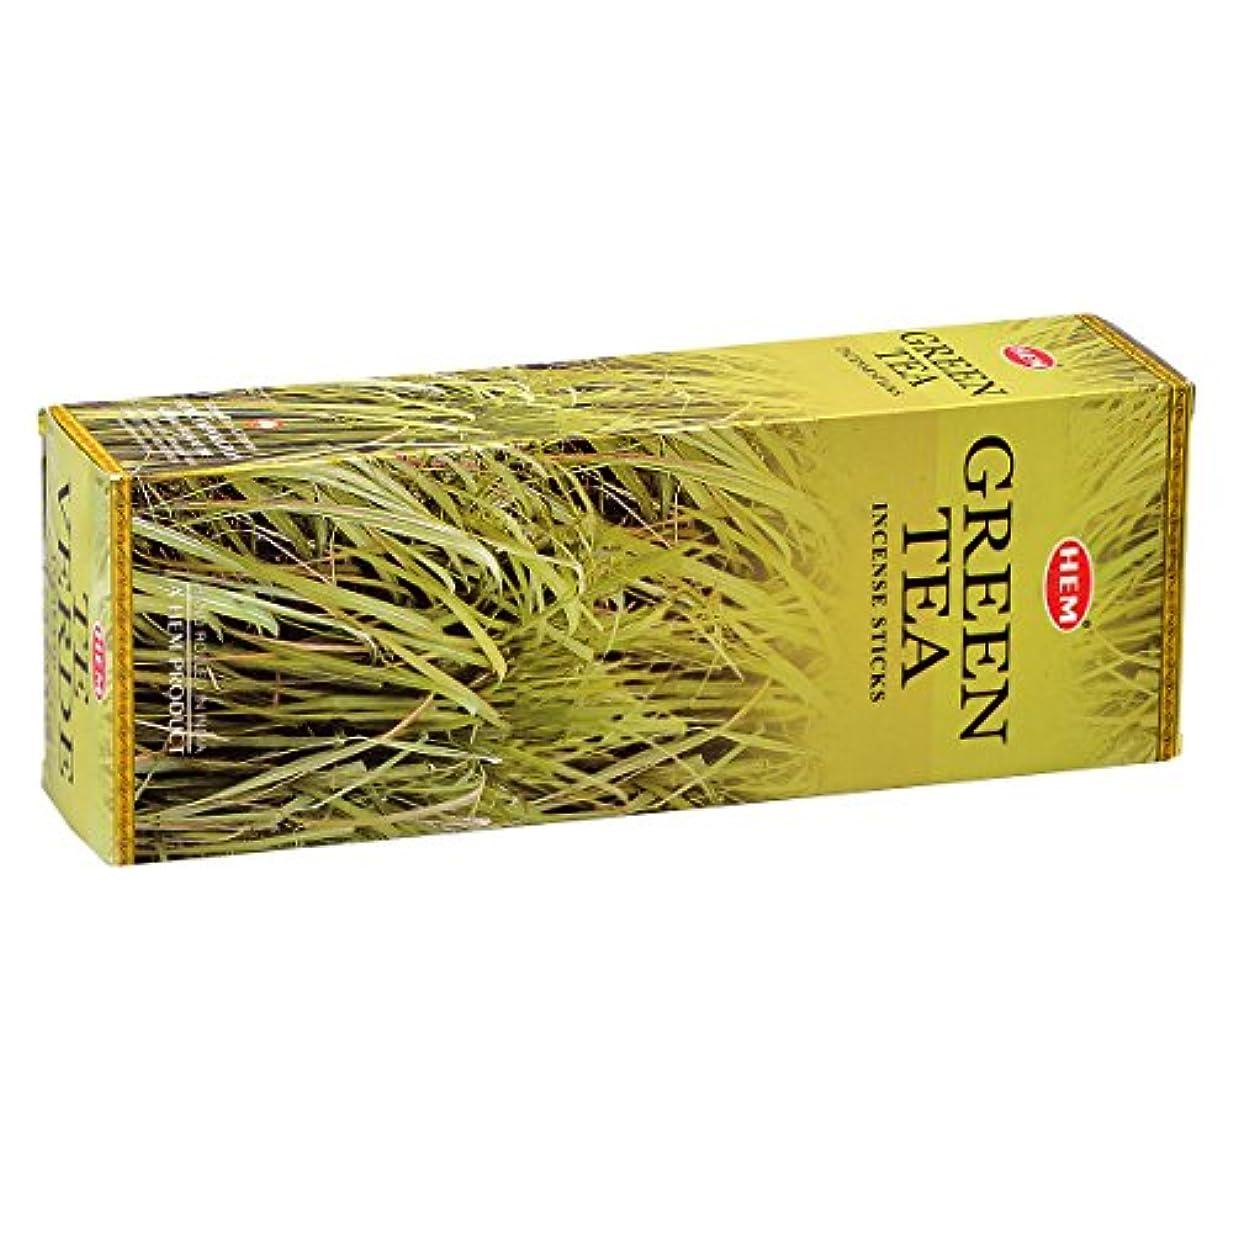 爆発蓄積するビルマHEM(ヘム) グリーン ティー GREEN TEA スティックタイプ お香 6筒 セット [並行輸入品]